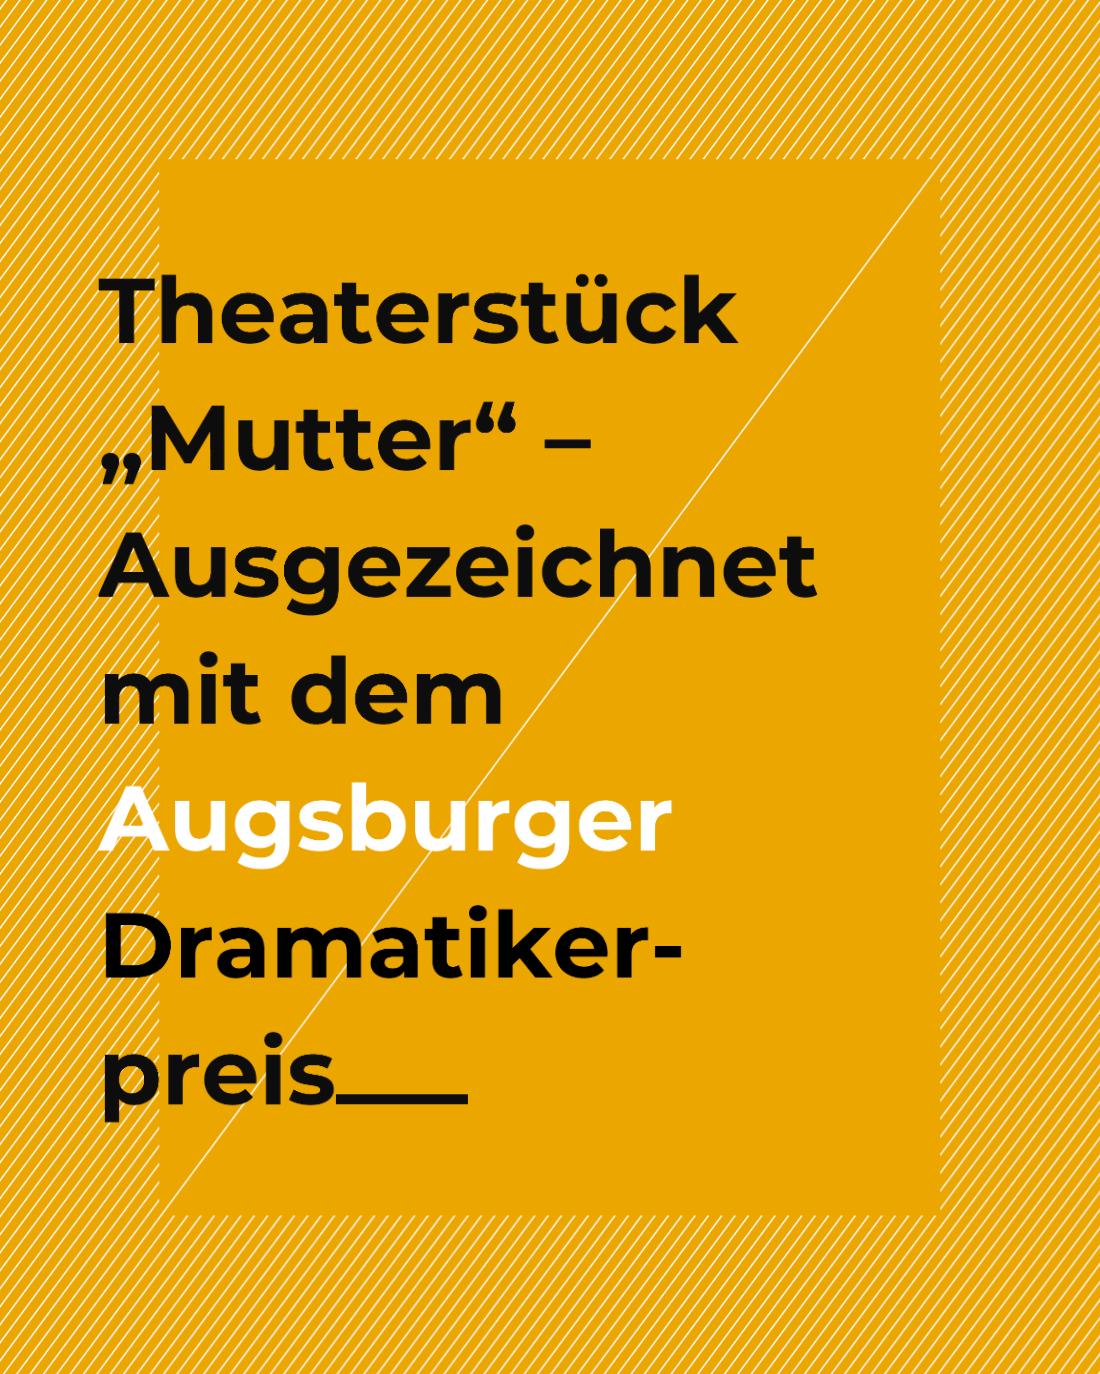 """Theaterstück: """"Mutter"""" / 1. Platz beim Augsburger Dramatikerpreis, Alexander Rupflin"""